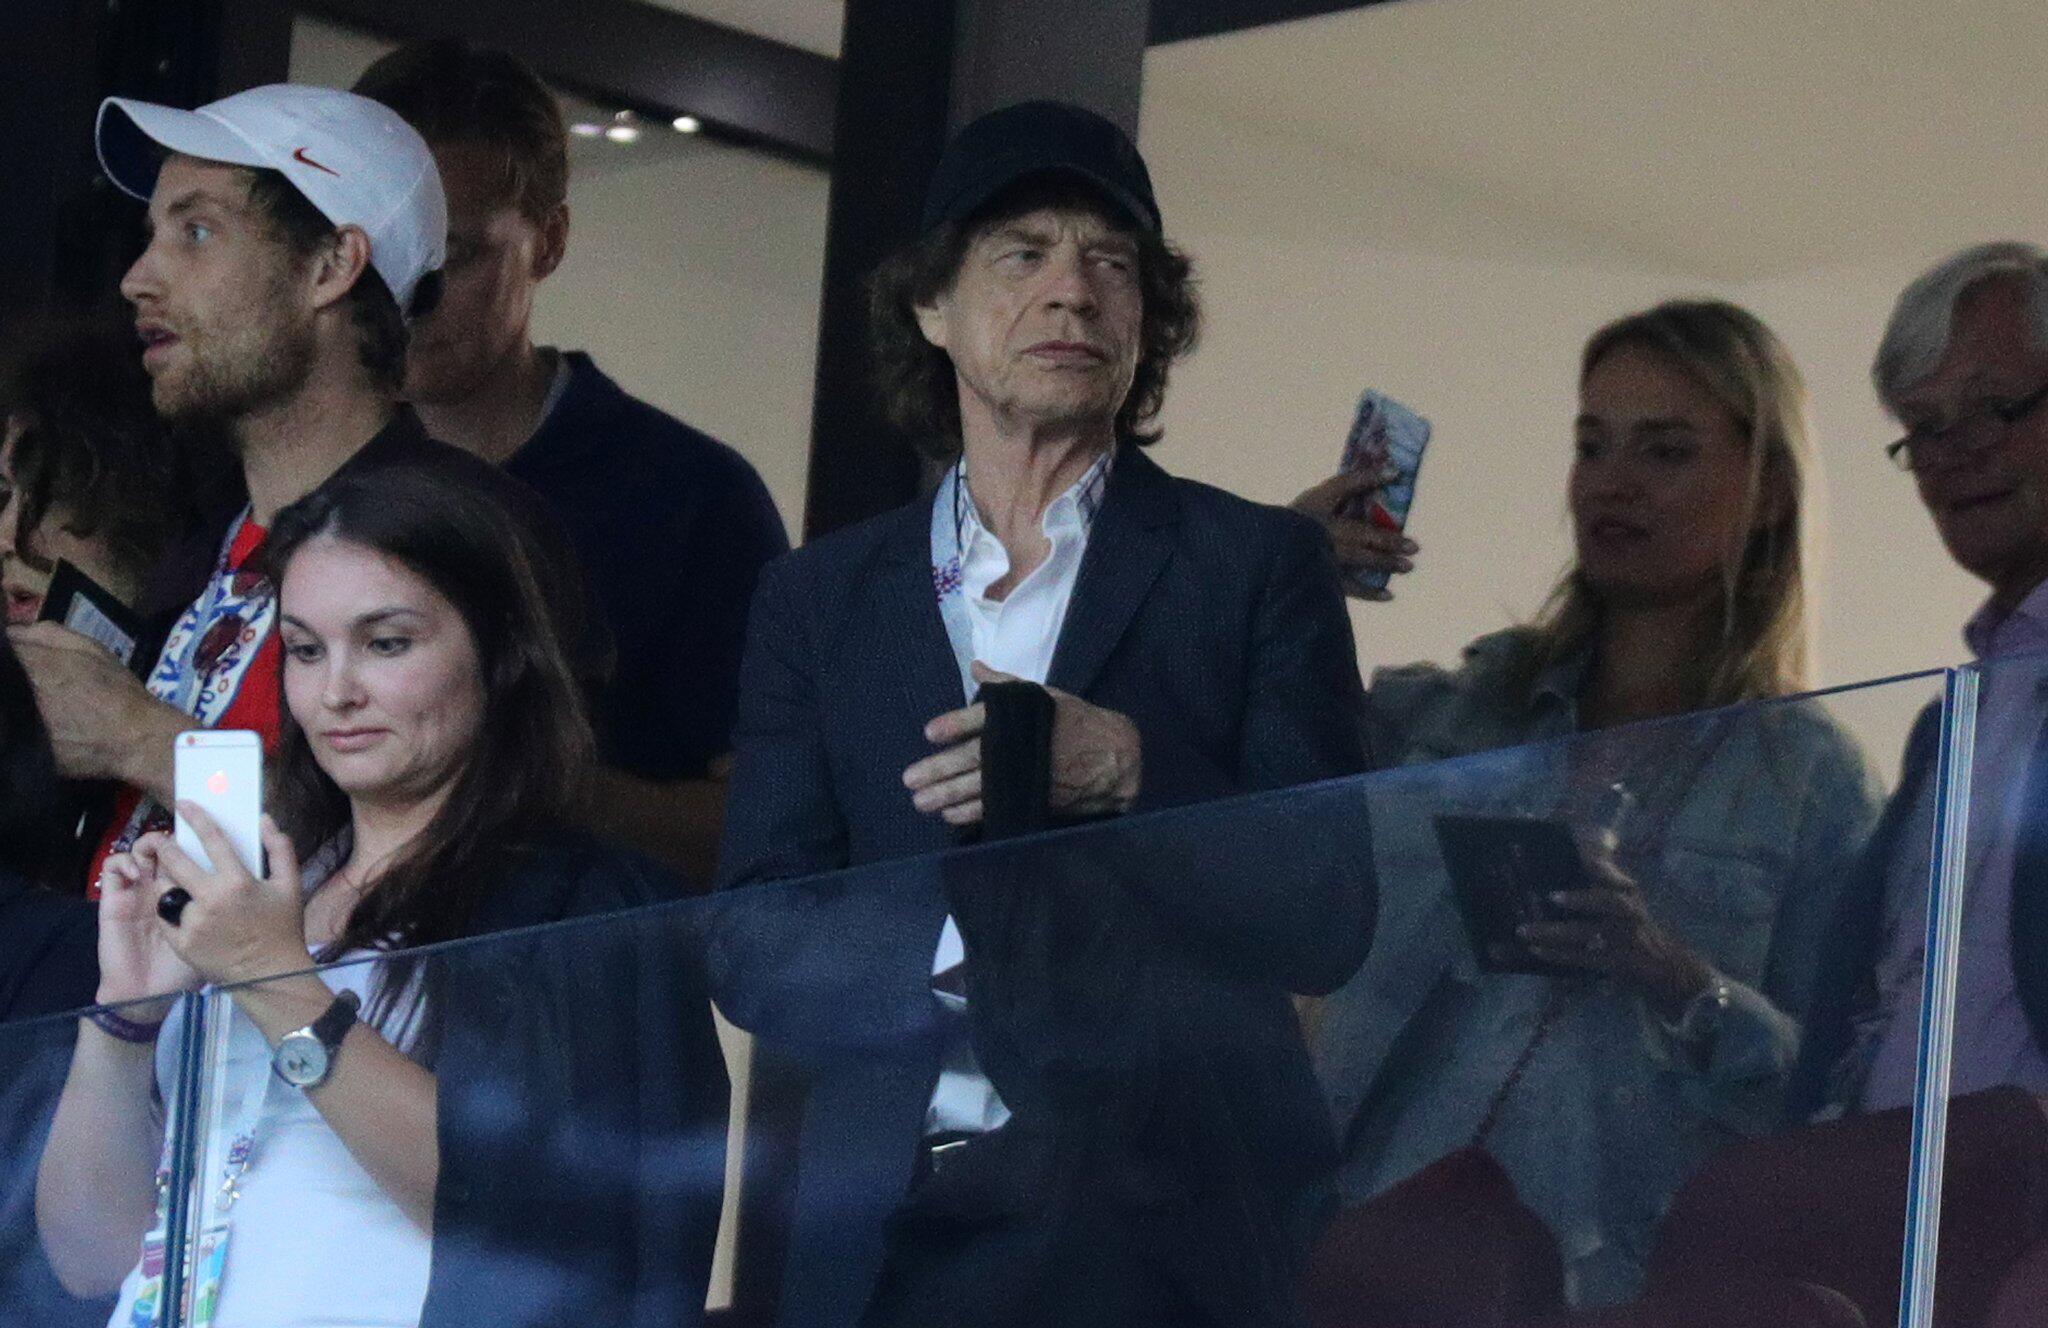 Bild zu WM 2018 - Kroatien - England, Mick Jagger